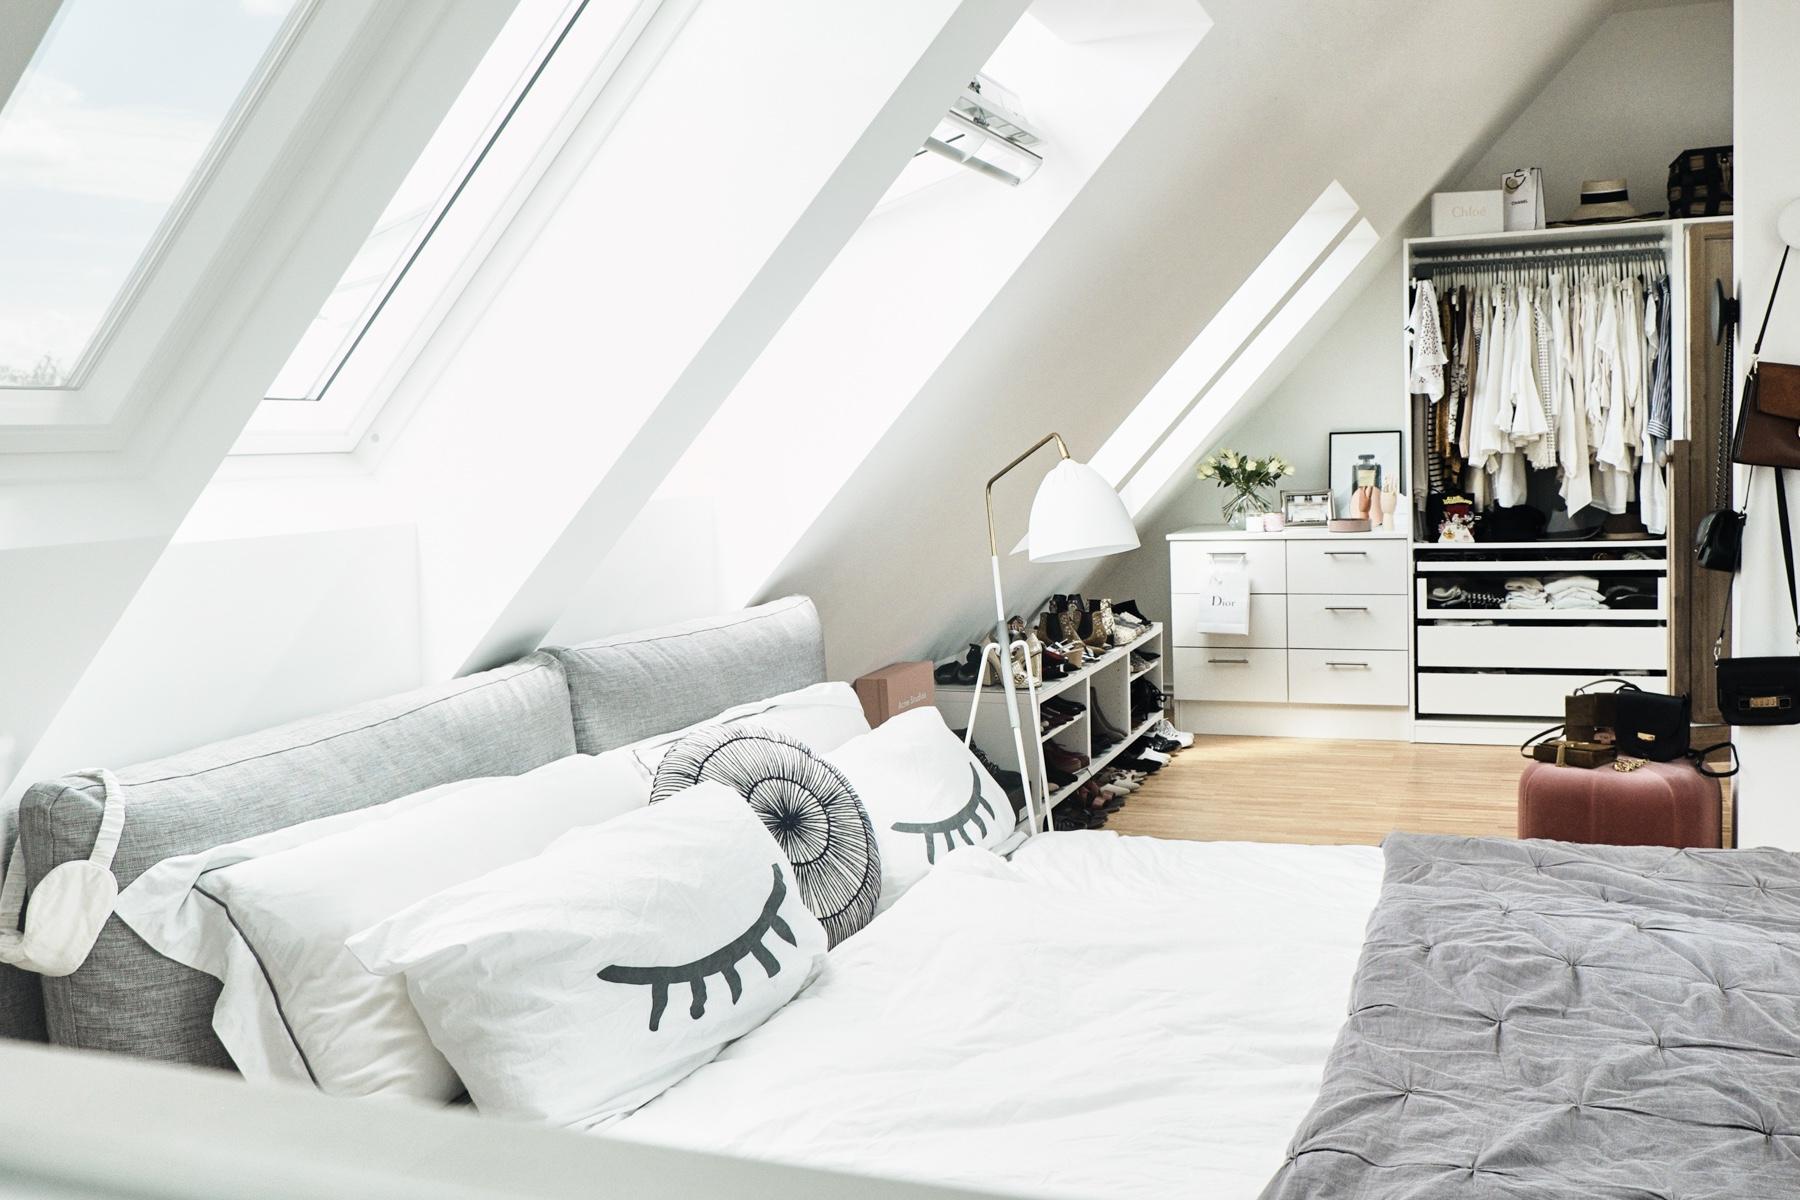 Style-Shiver-Interior-Inspiration-Wohnen-Die-Neue-Maisonette-Wohnung-49